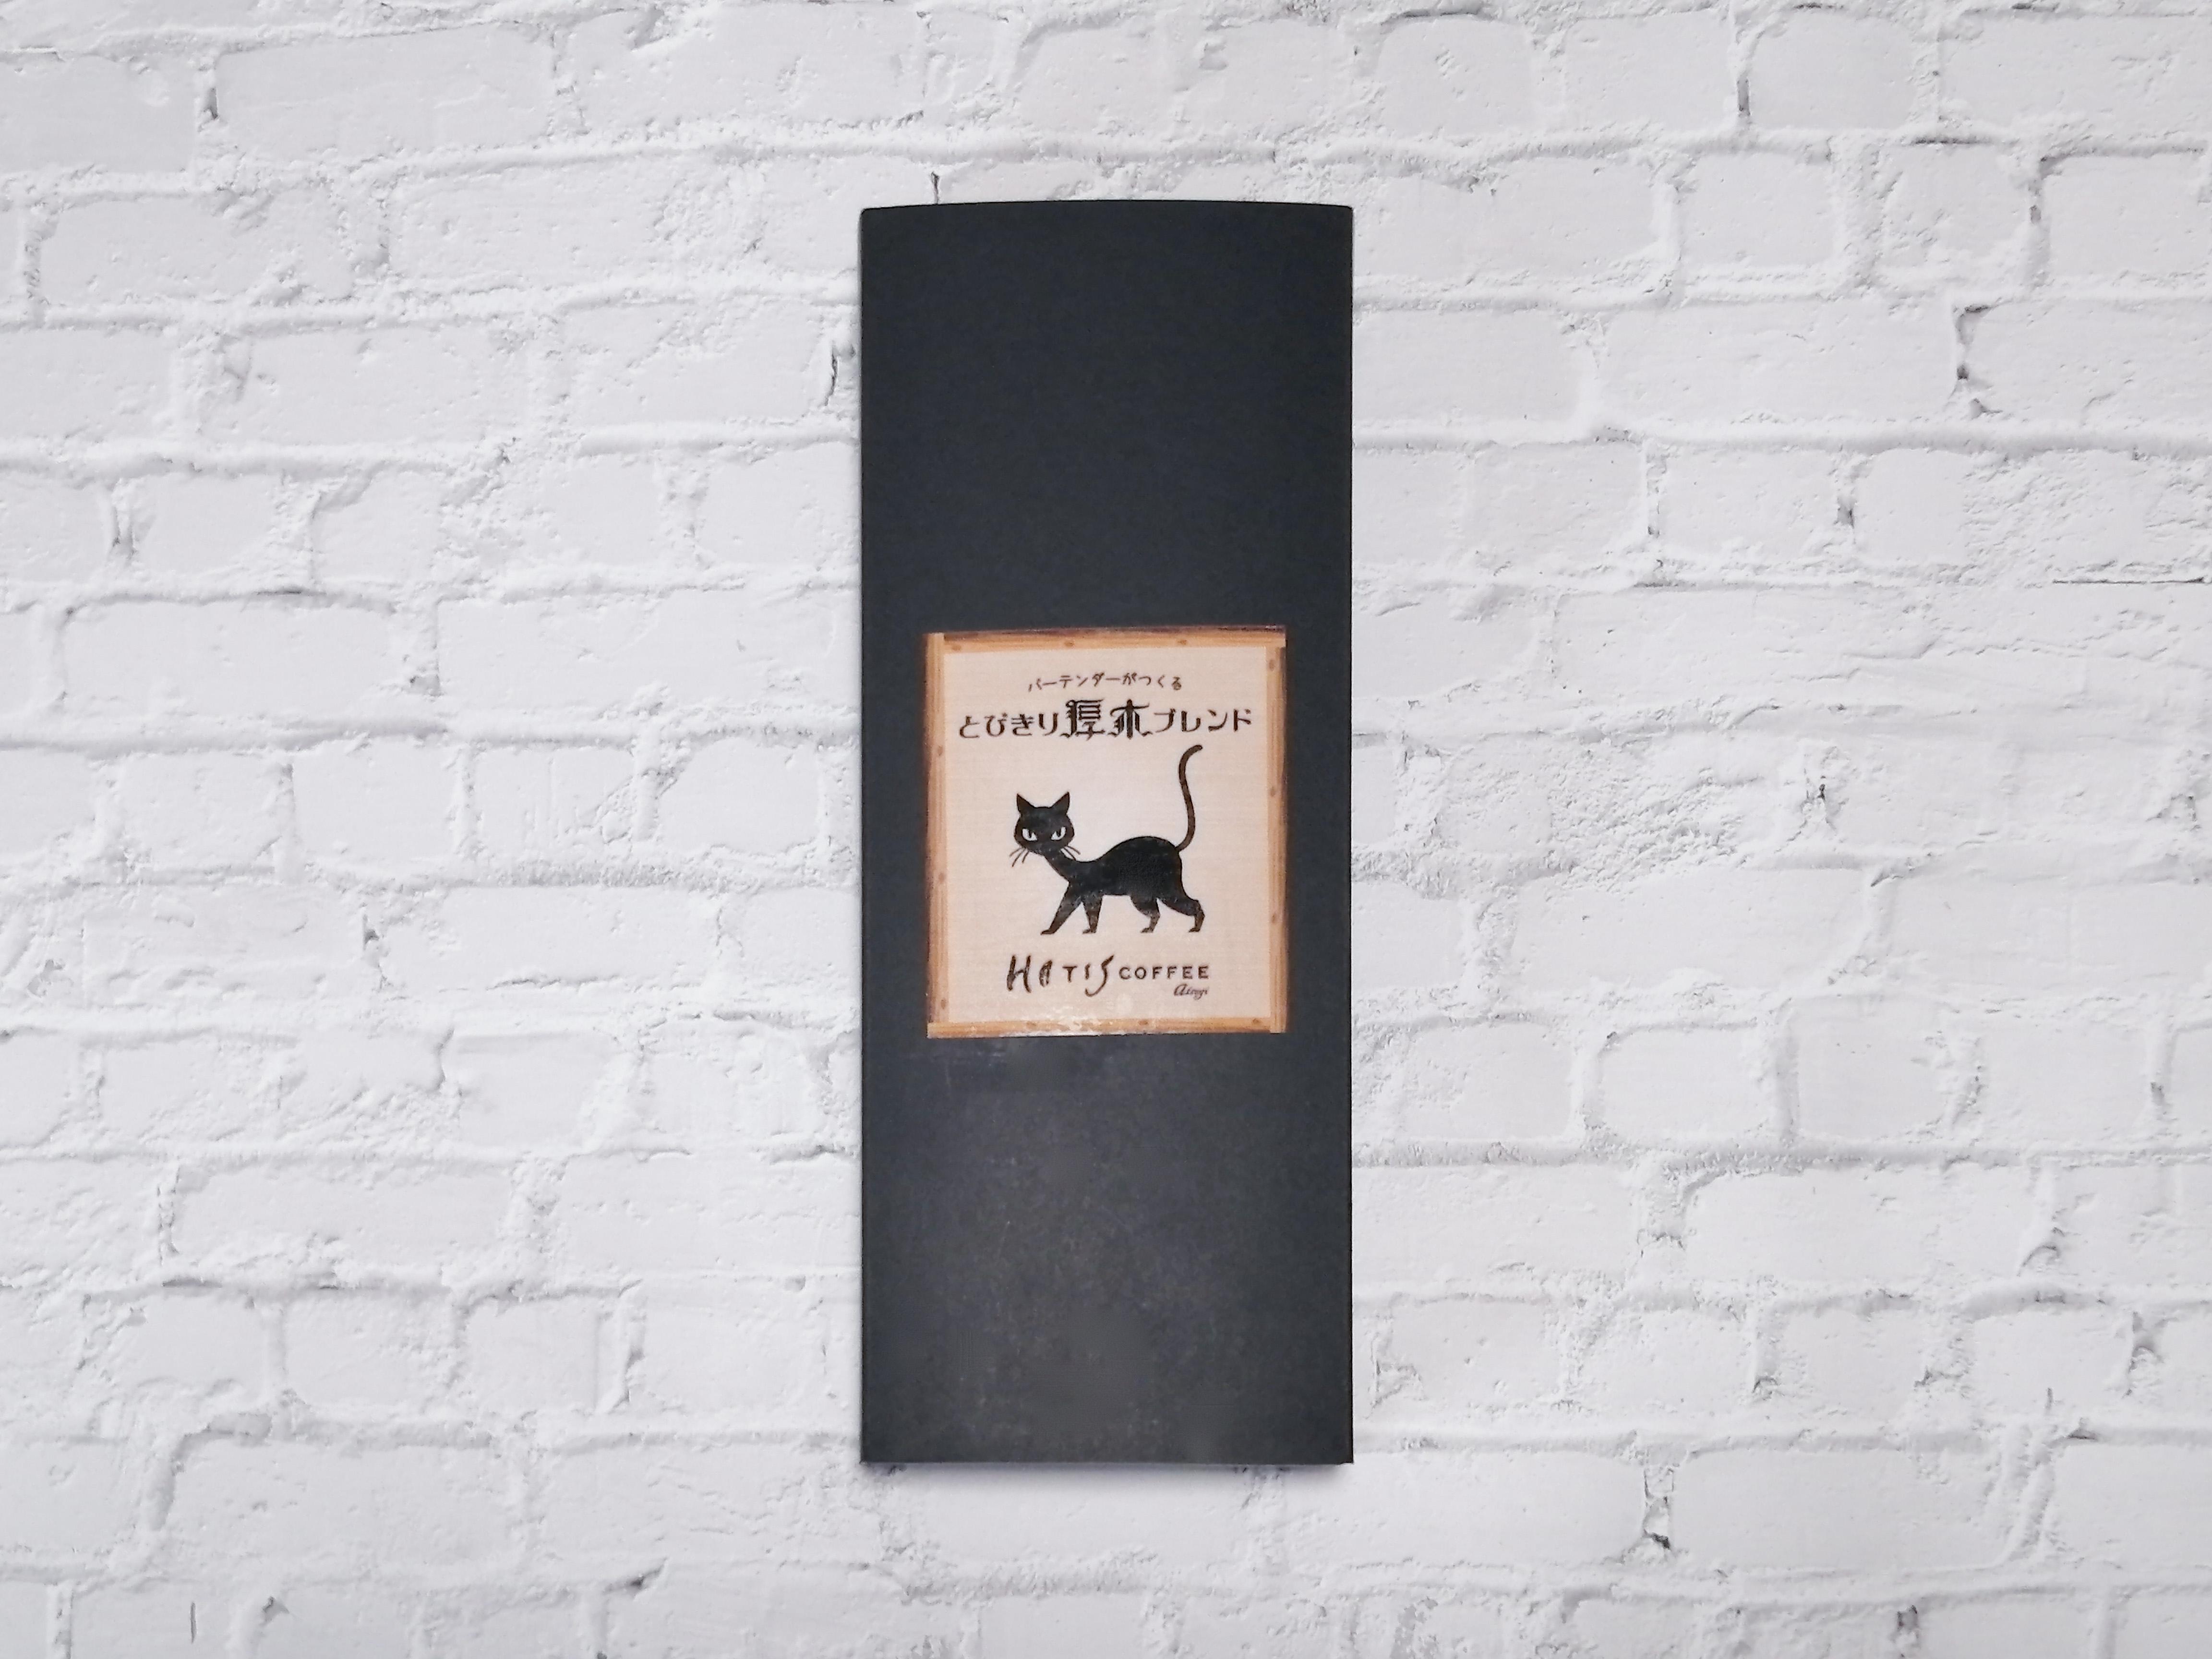 とびきり厚木ブレンドドリップバッグ ギフトボックス発売開始いたしました!